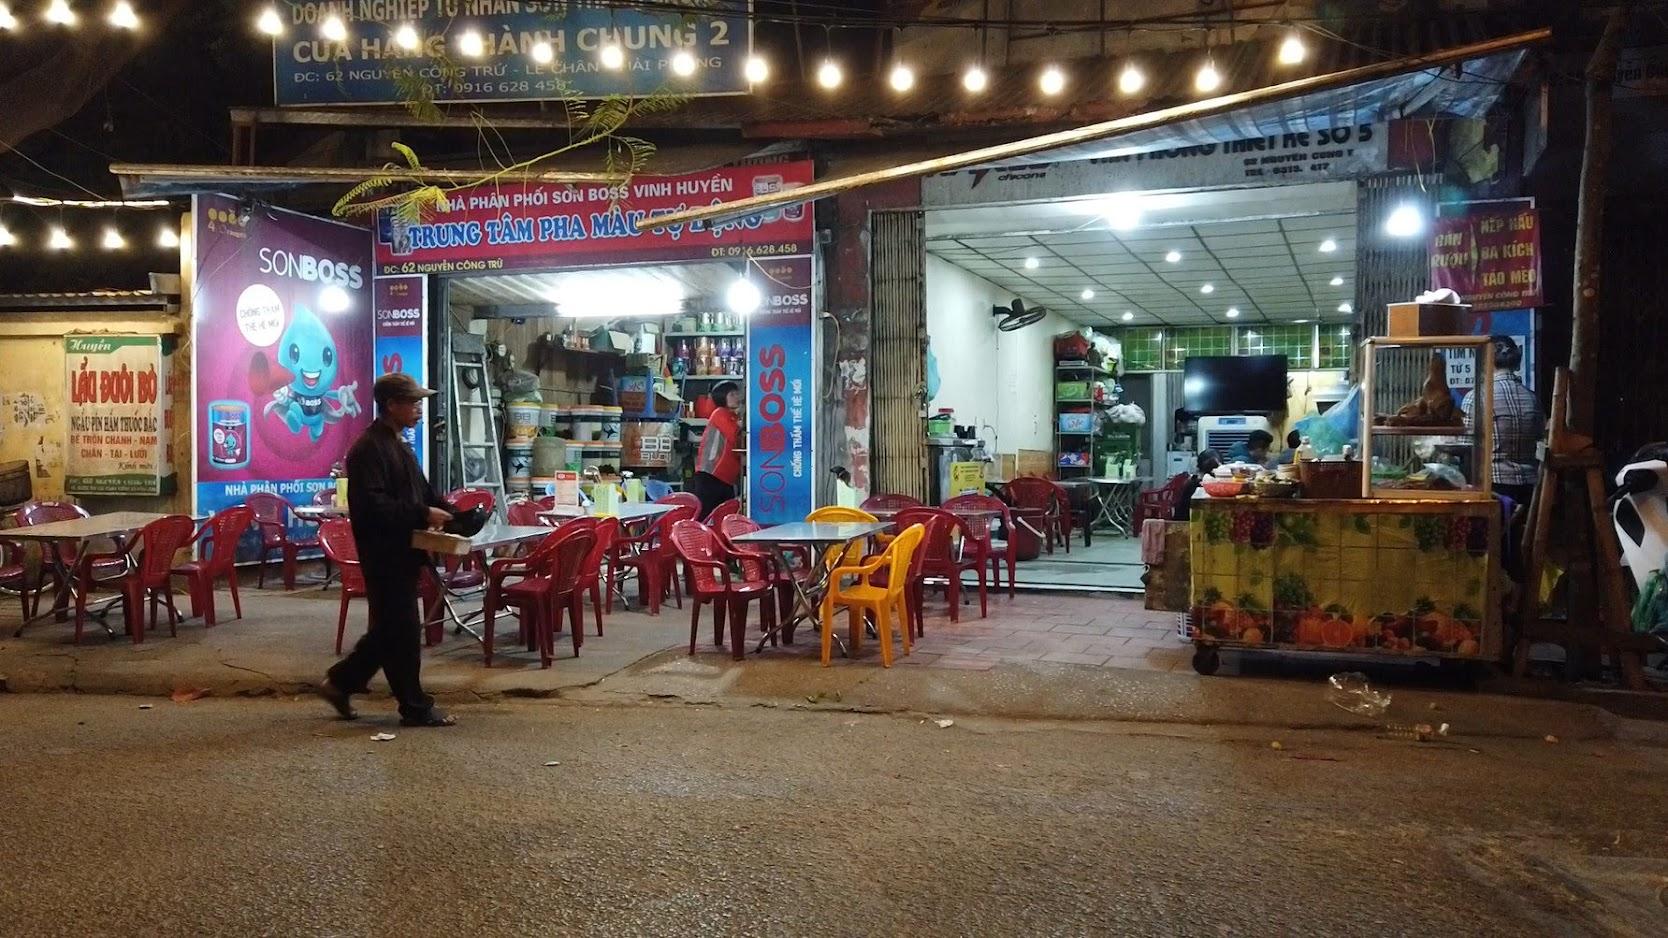 Lẩu đôi bò đường Nguyễn Công Trứ ở Hải Phòng